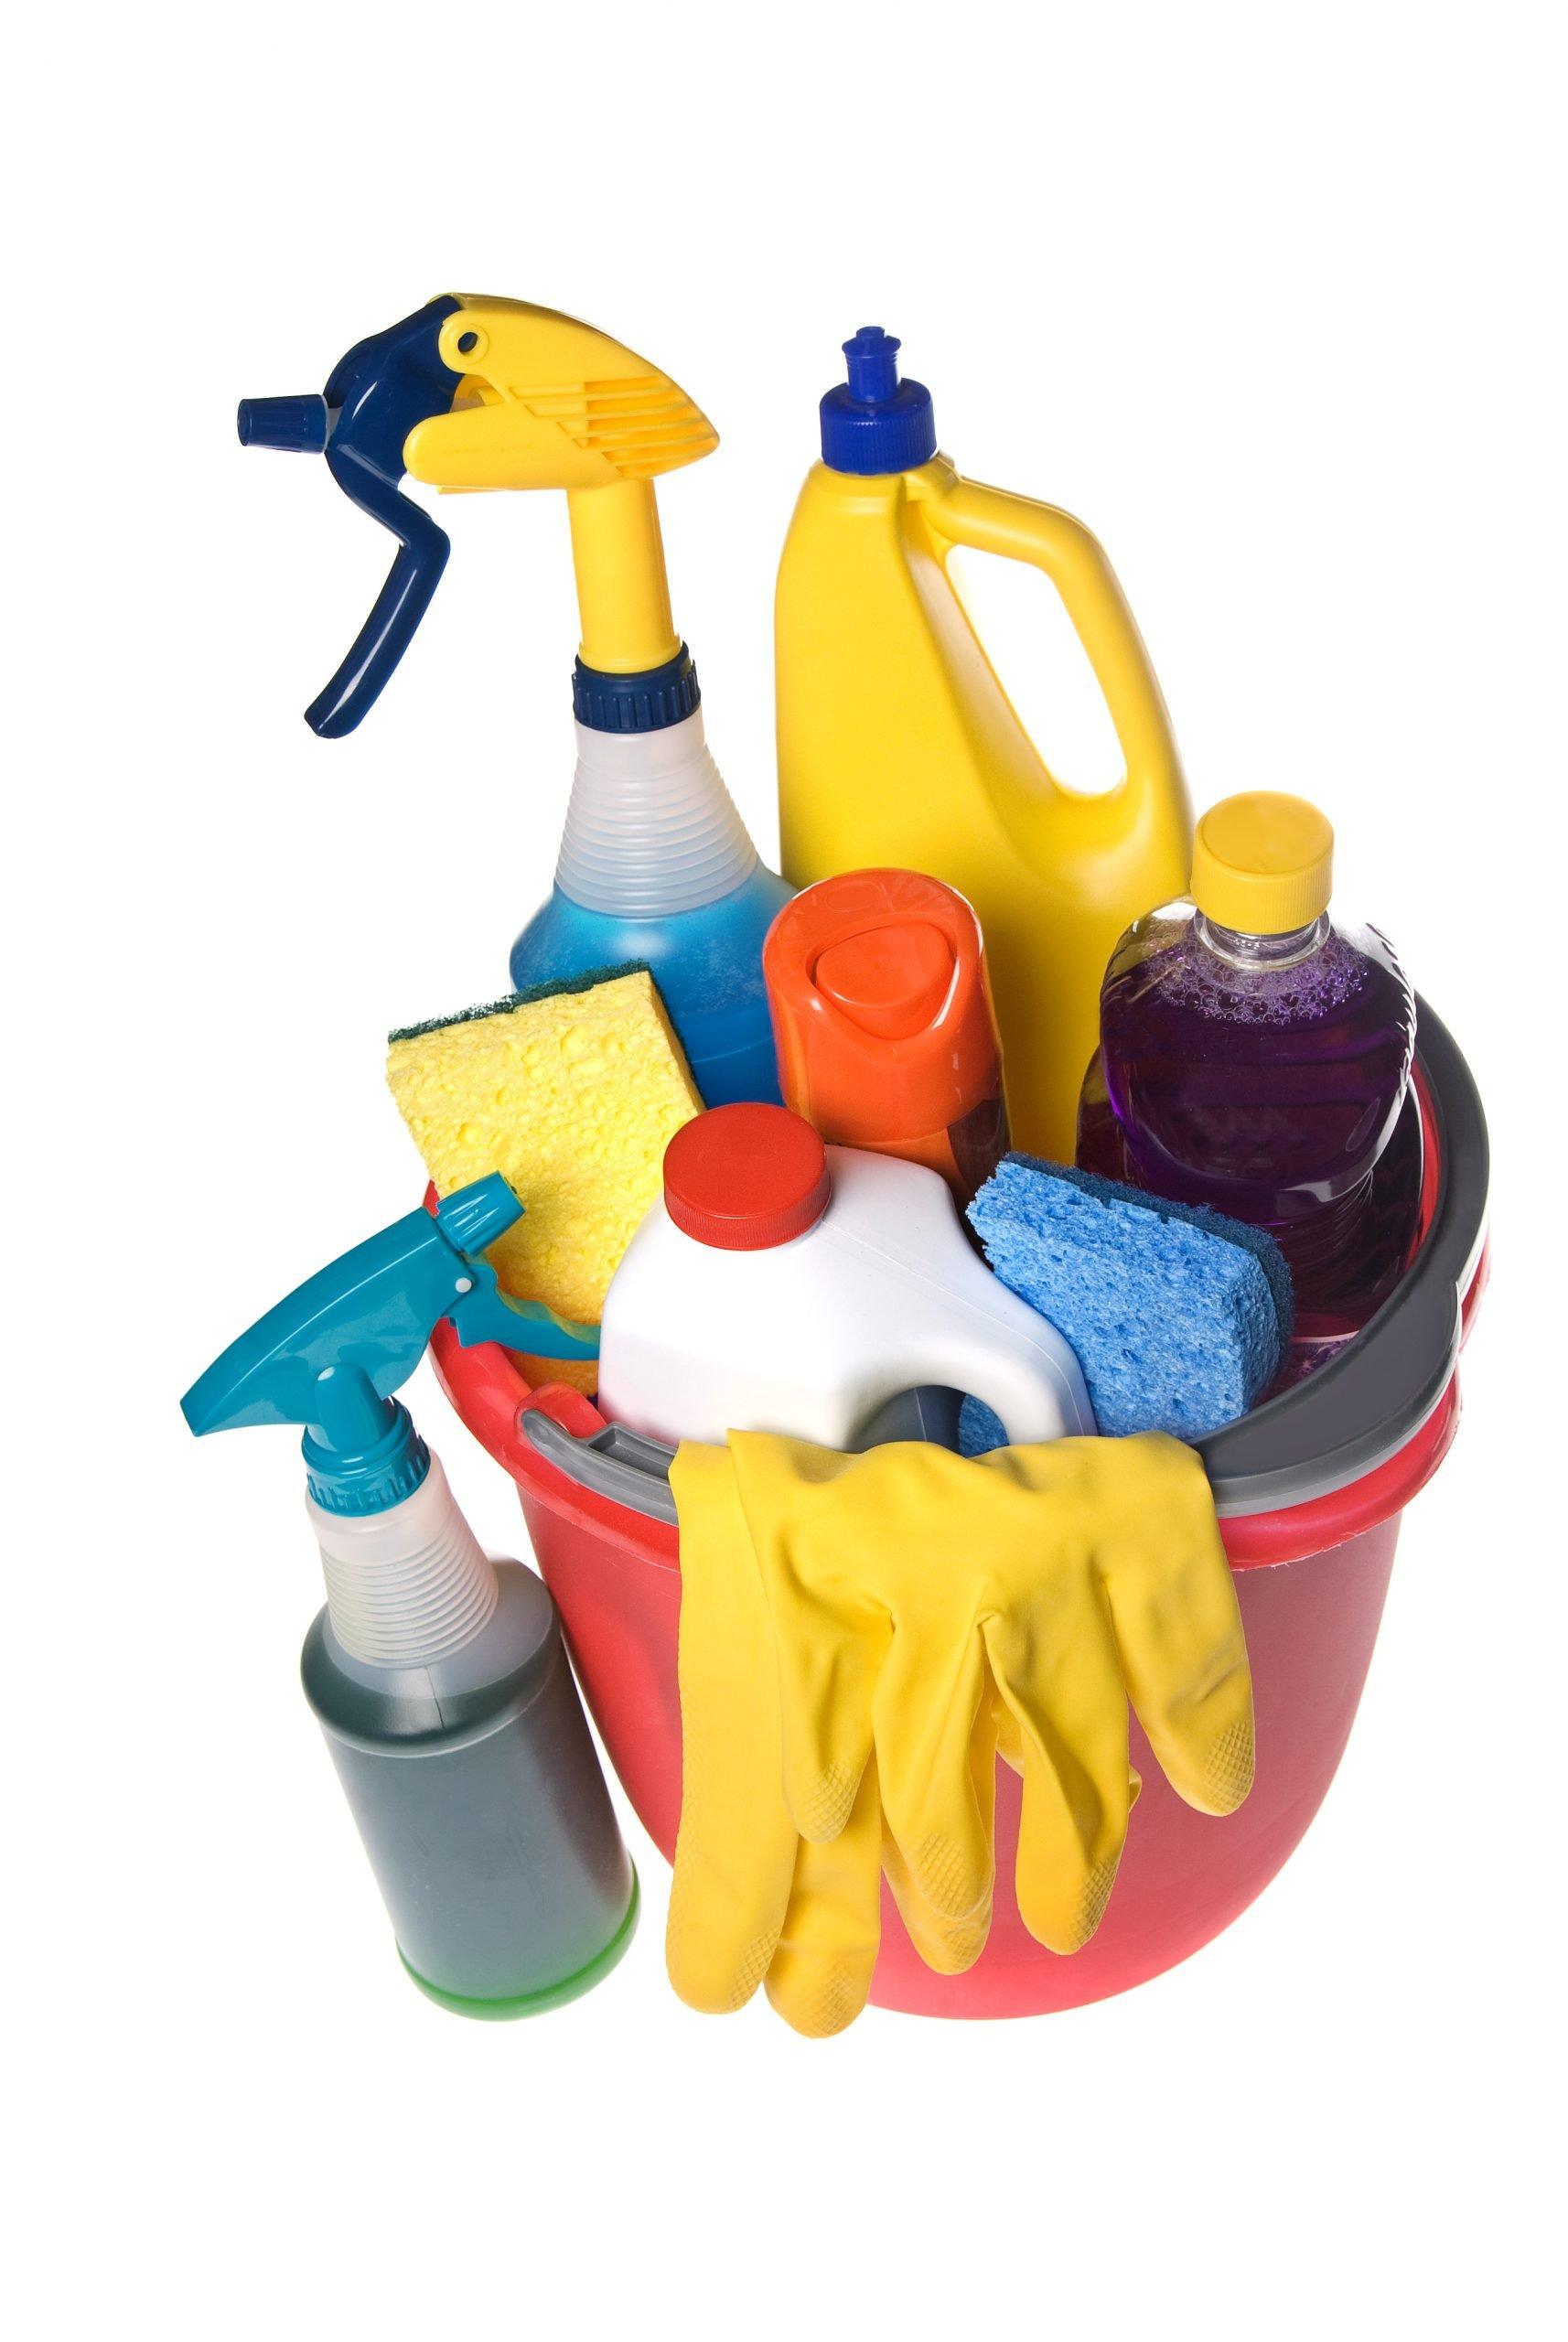 Plasticos y accesorios